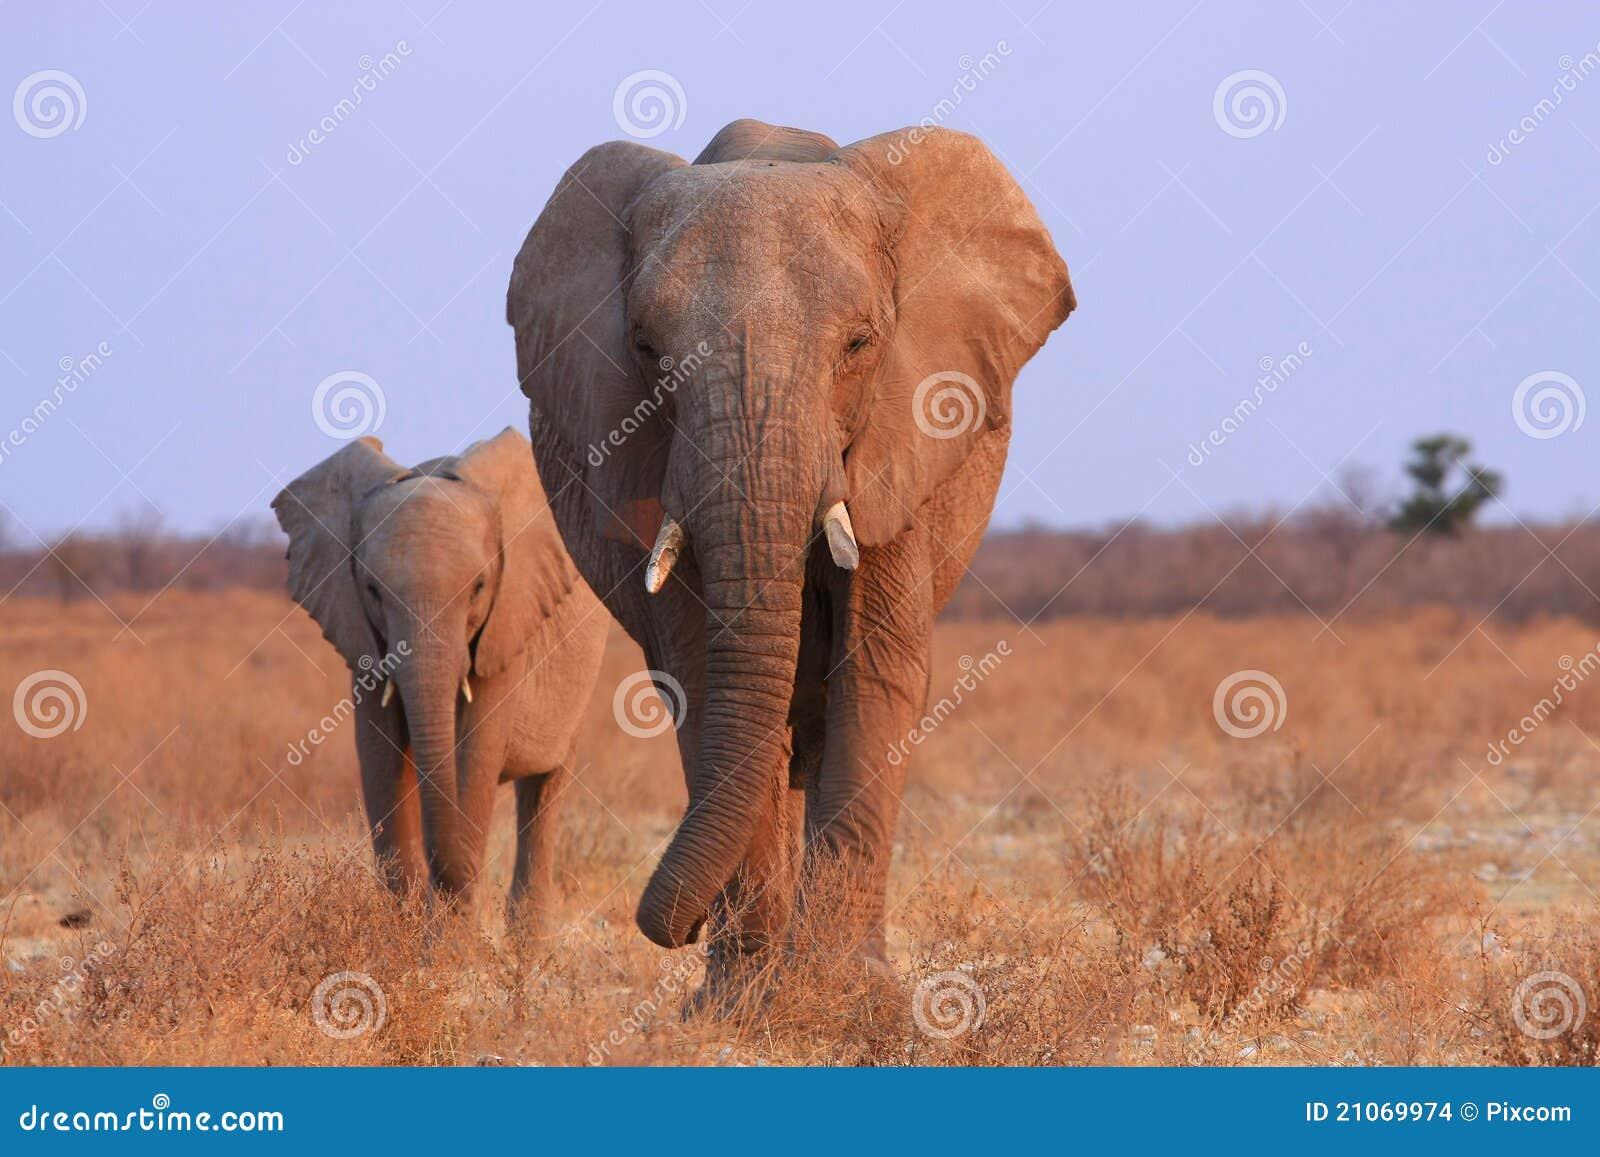 Elephants in Namibia